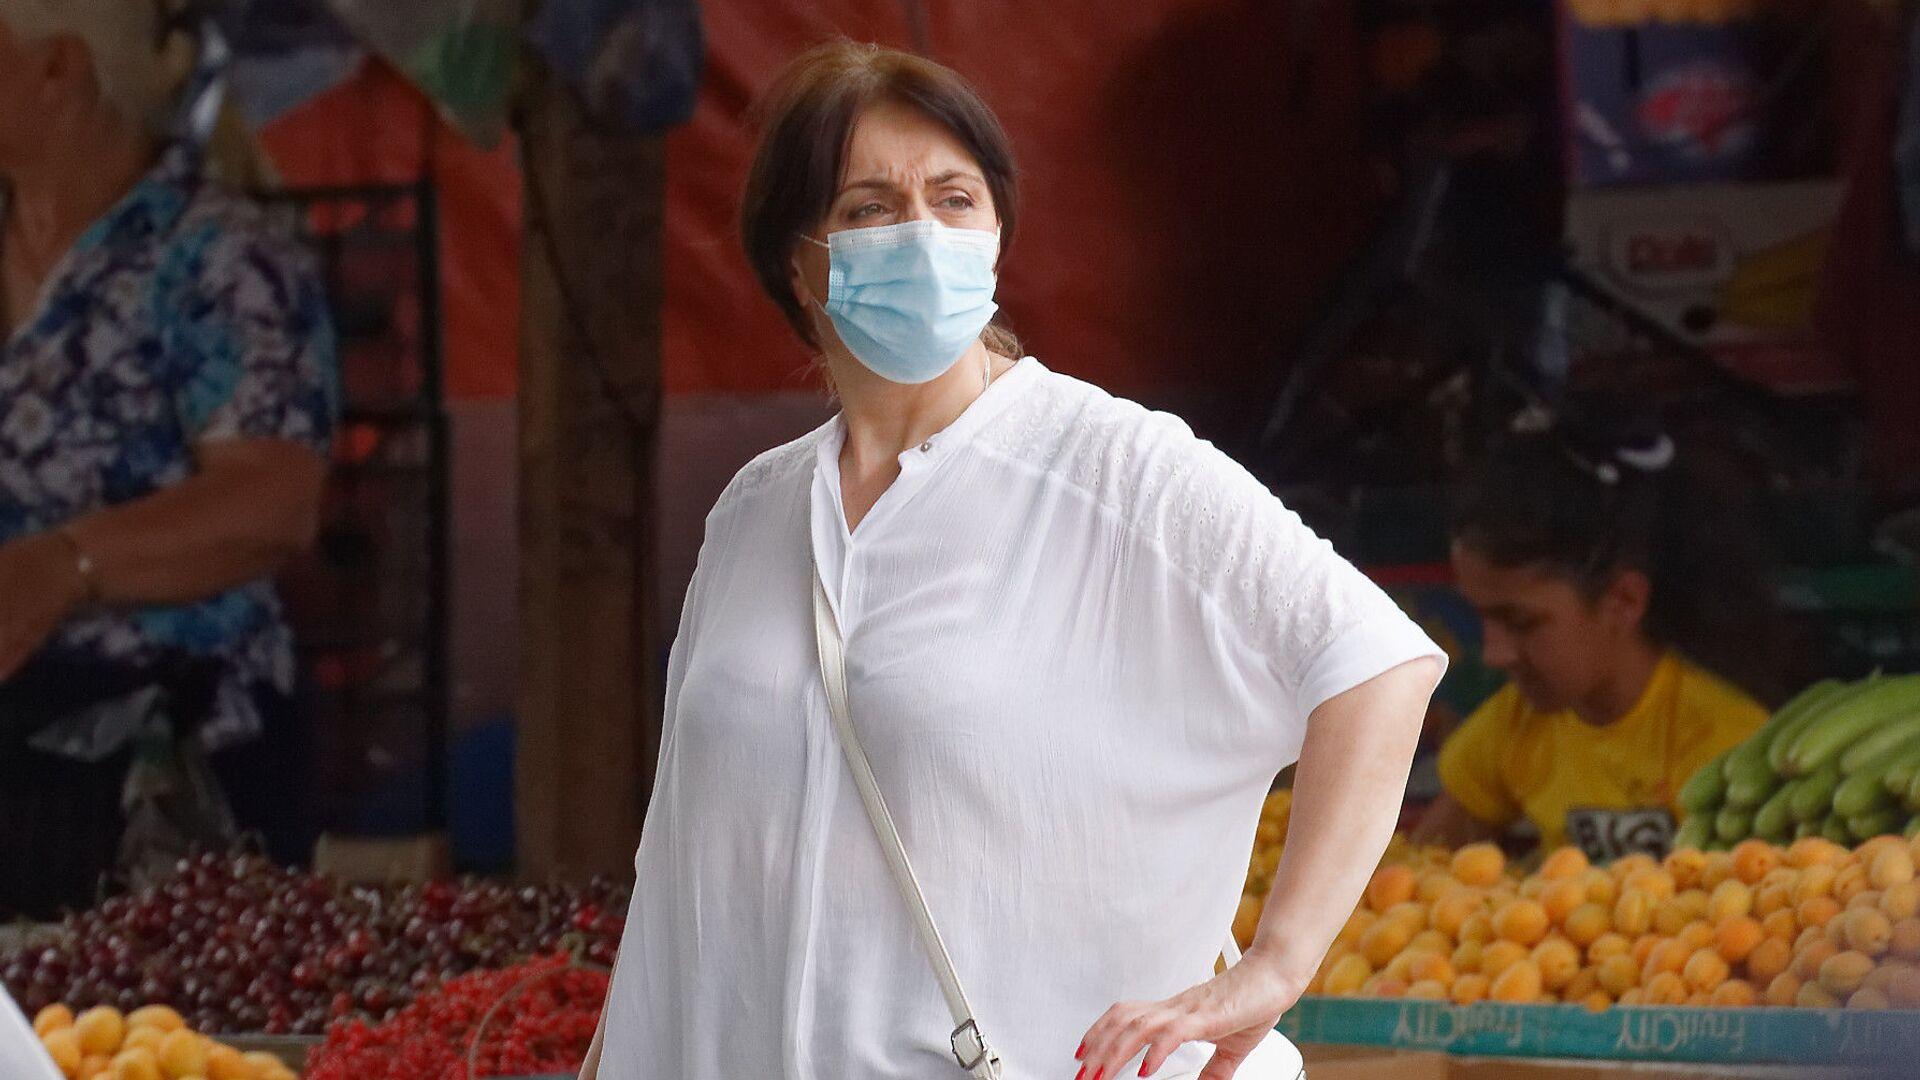 Эпидемия коронавируса - прохожие на улице в масках - Sputnik Грузия, 1920, 05.09.2021